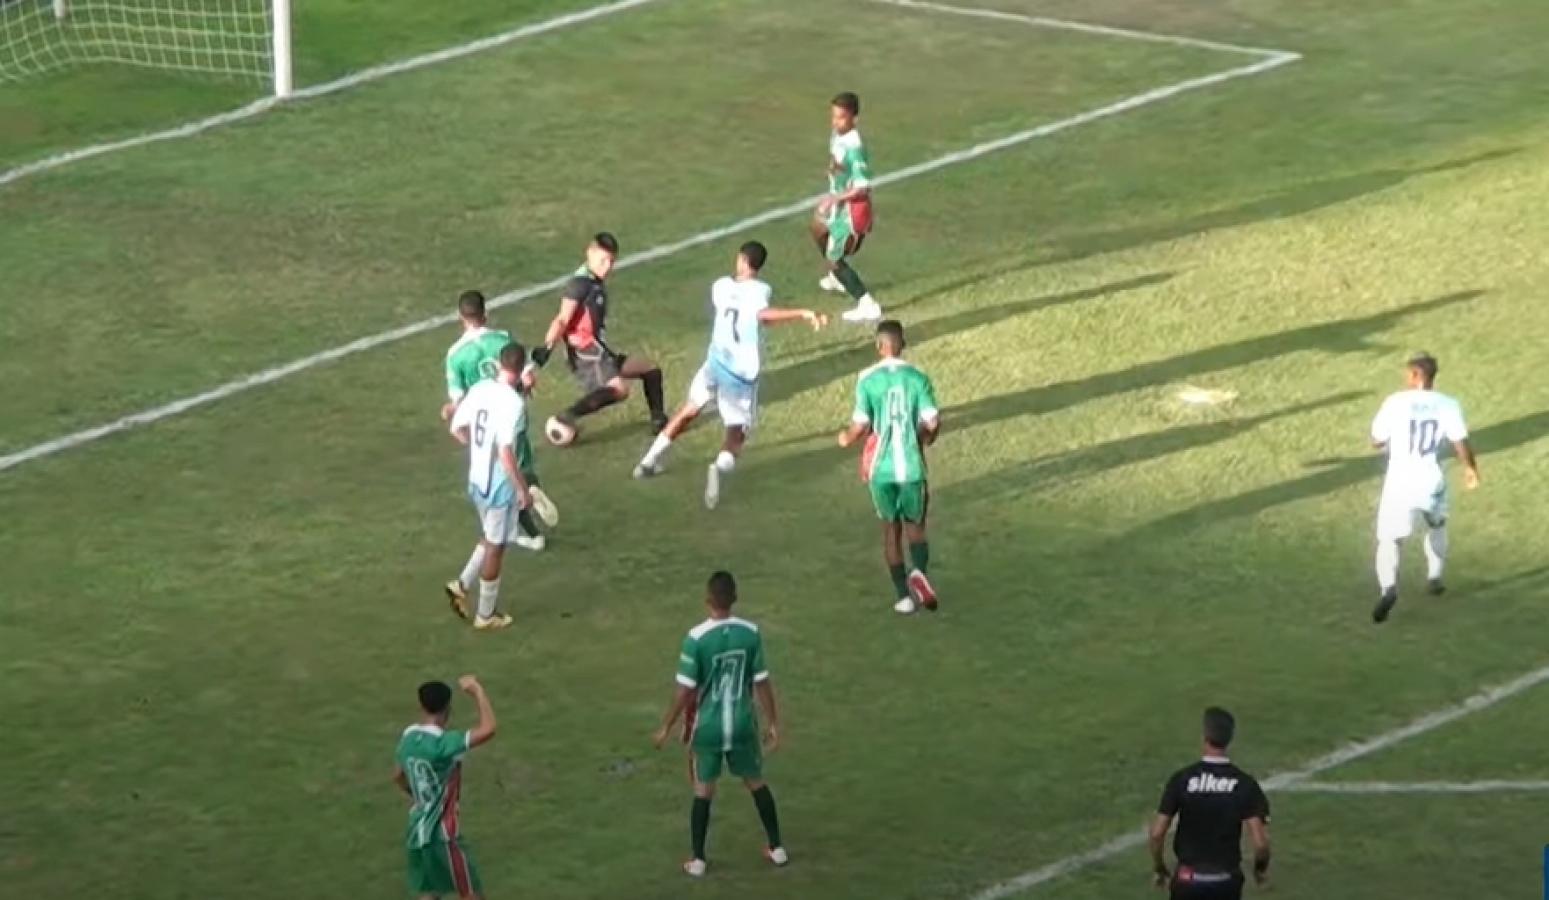 2ª divisão: Baraúnas perde novamente para o Riachuelo e dá adeus à competição